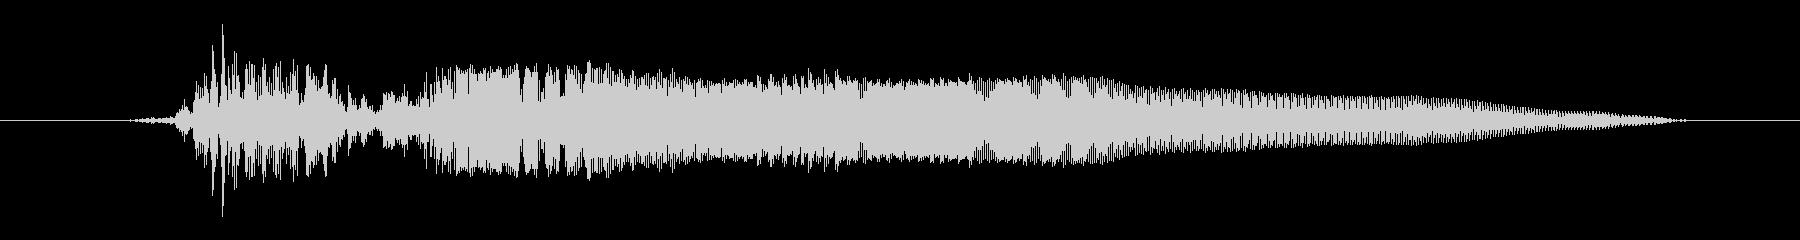 ドワーフ 応援ジュフ03の未再生の波形